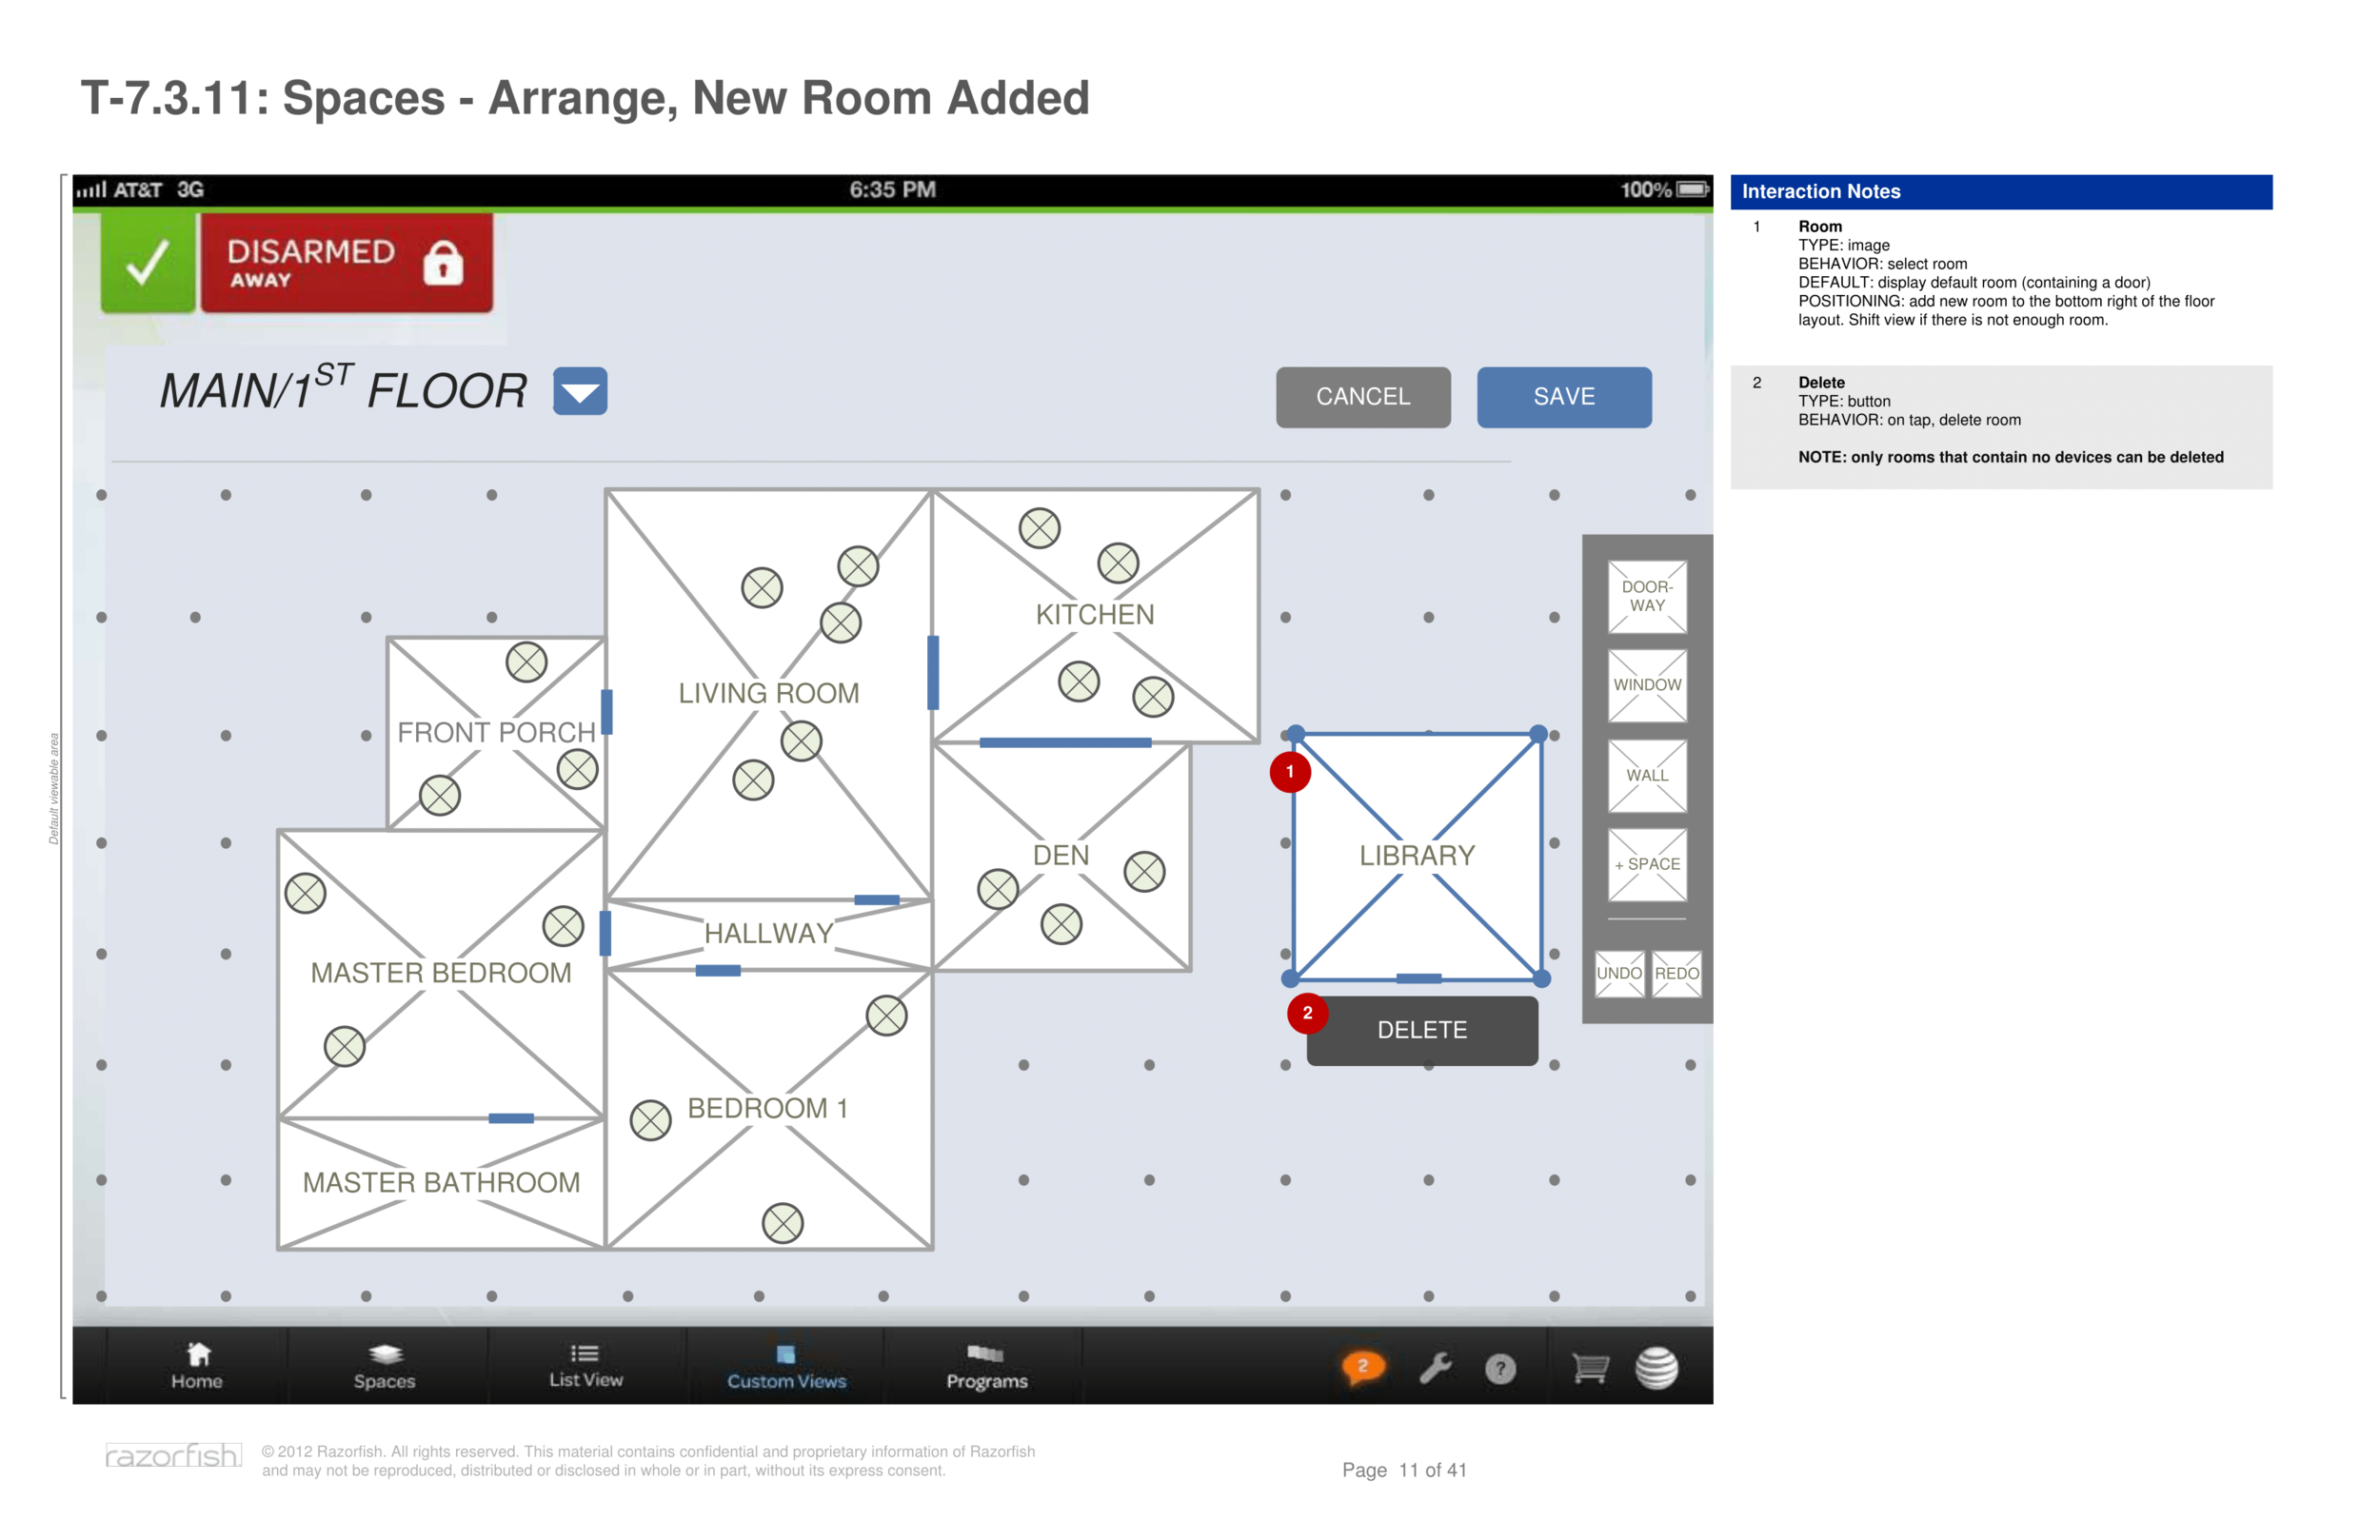 portfolio ATTDL_P1_iPad_Spaces_Wires_Draft_032612-11.png